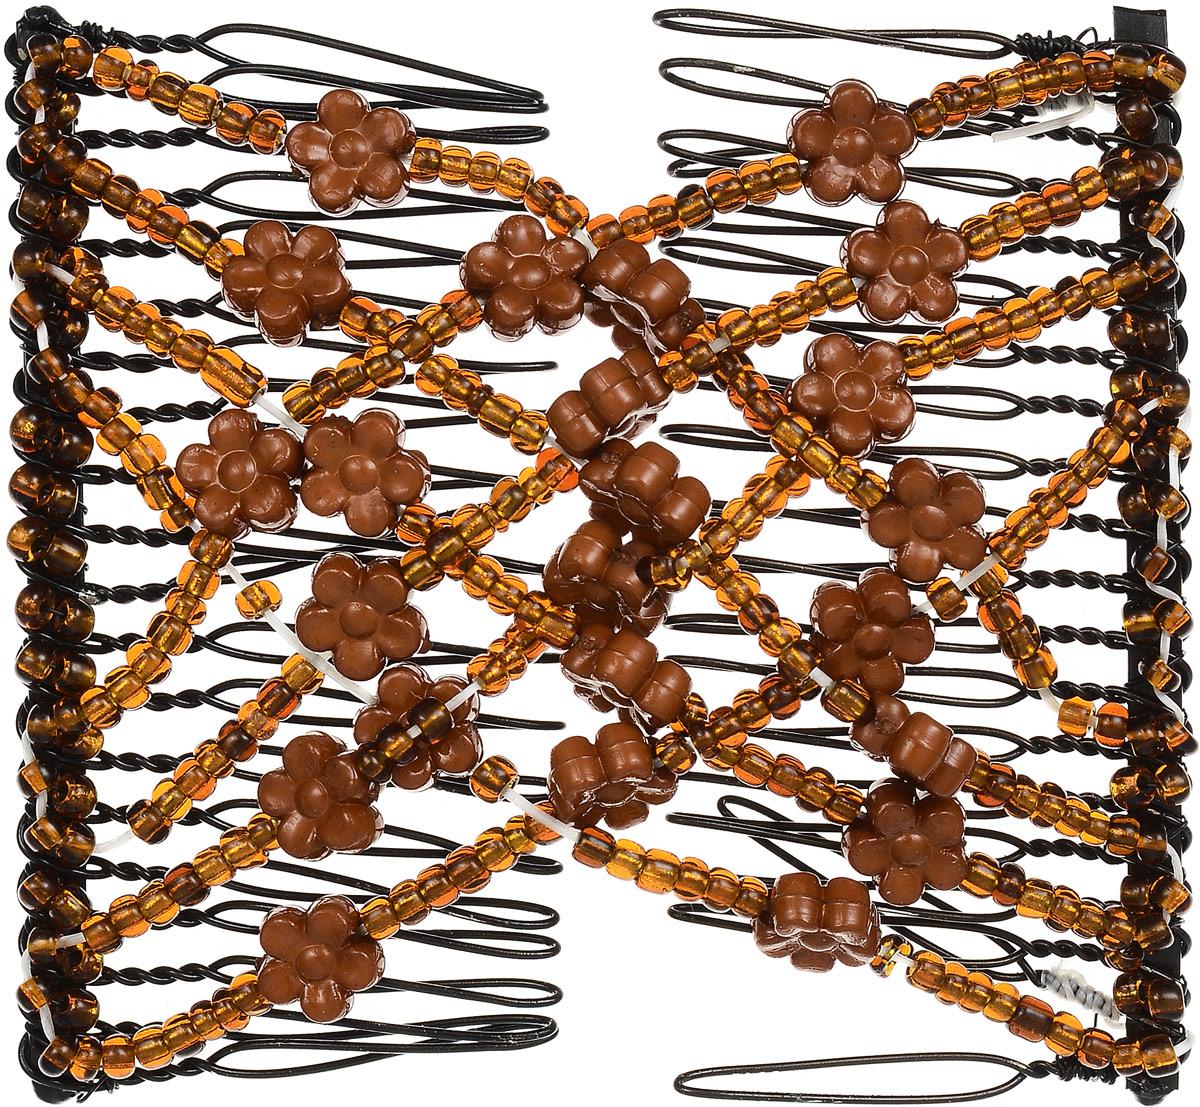 EZ-Combs Заколка Изи-Комбс, одинарная, цвет: коричневый. ЗИО_цветочки ez combs заколка изи комбс одинарная цвет коричневый зио сердечки